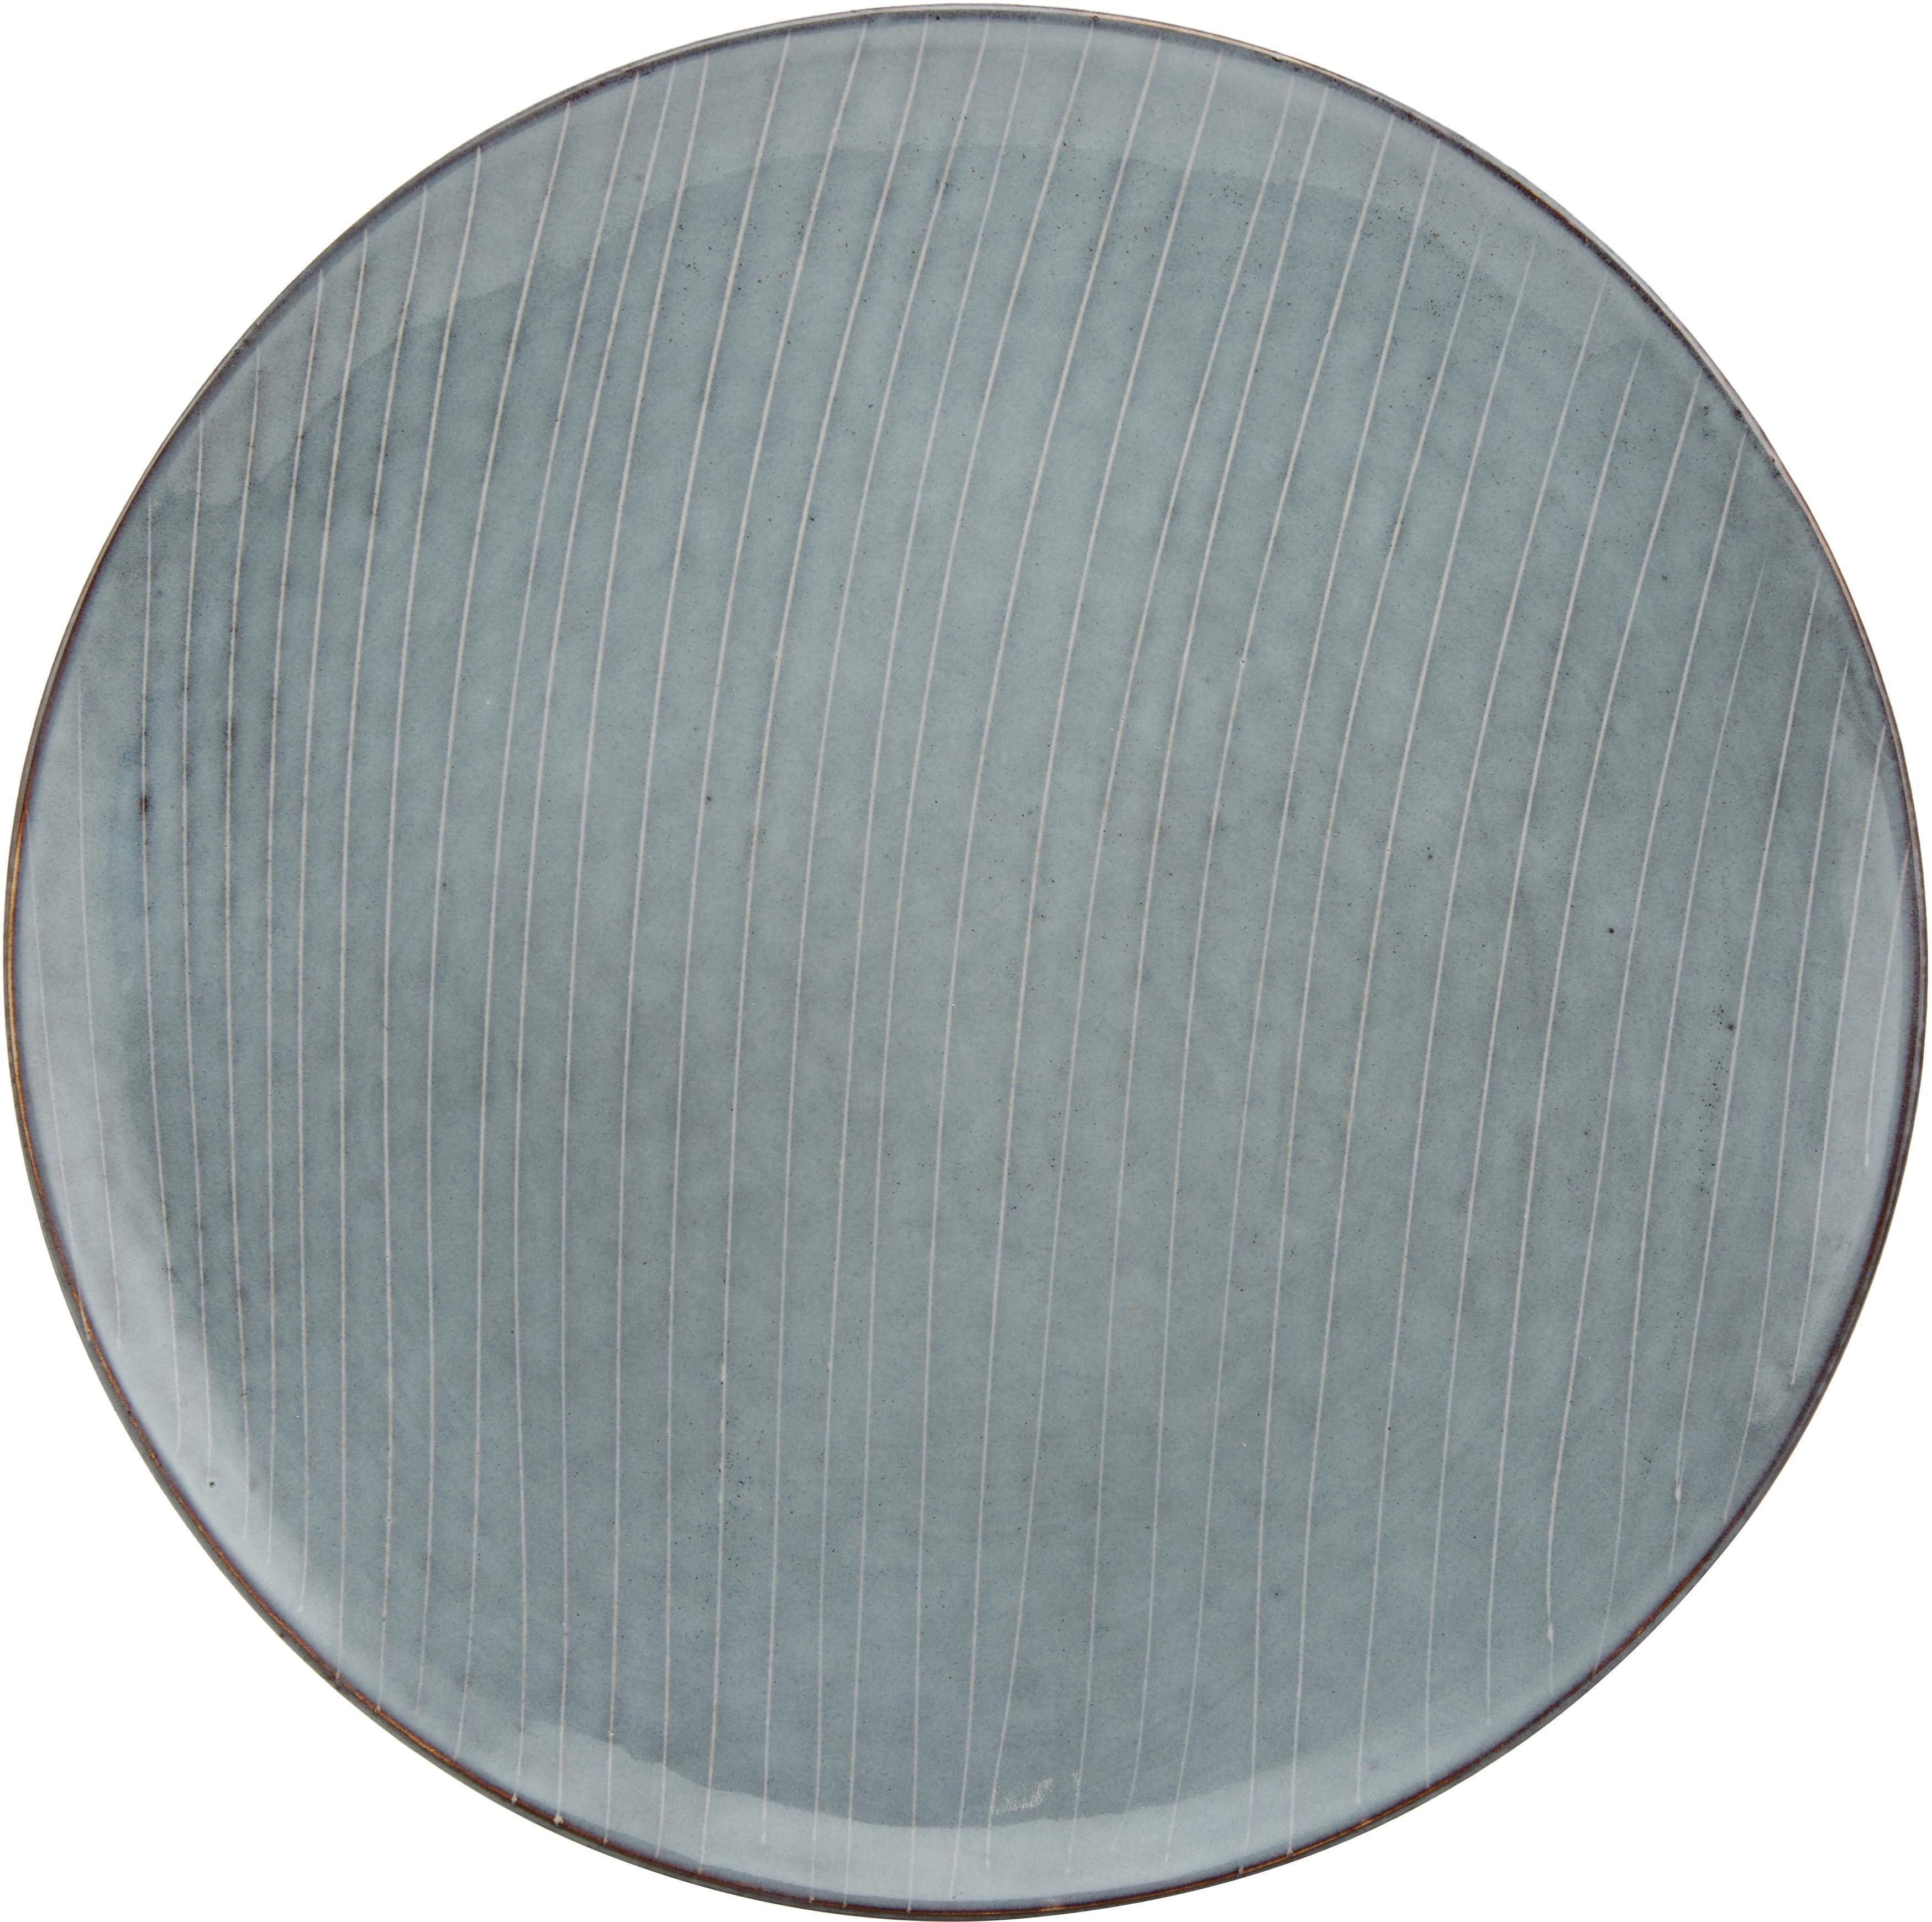 Assiettes plates faites main Nordic Sea, 4 pièces, Tons gris et bleus